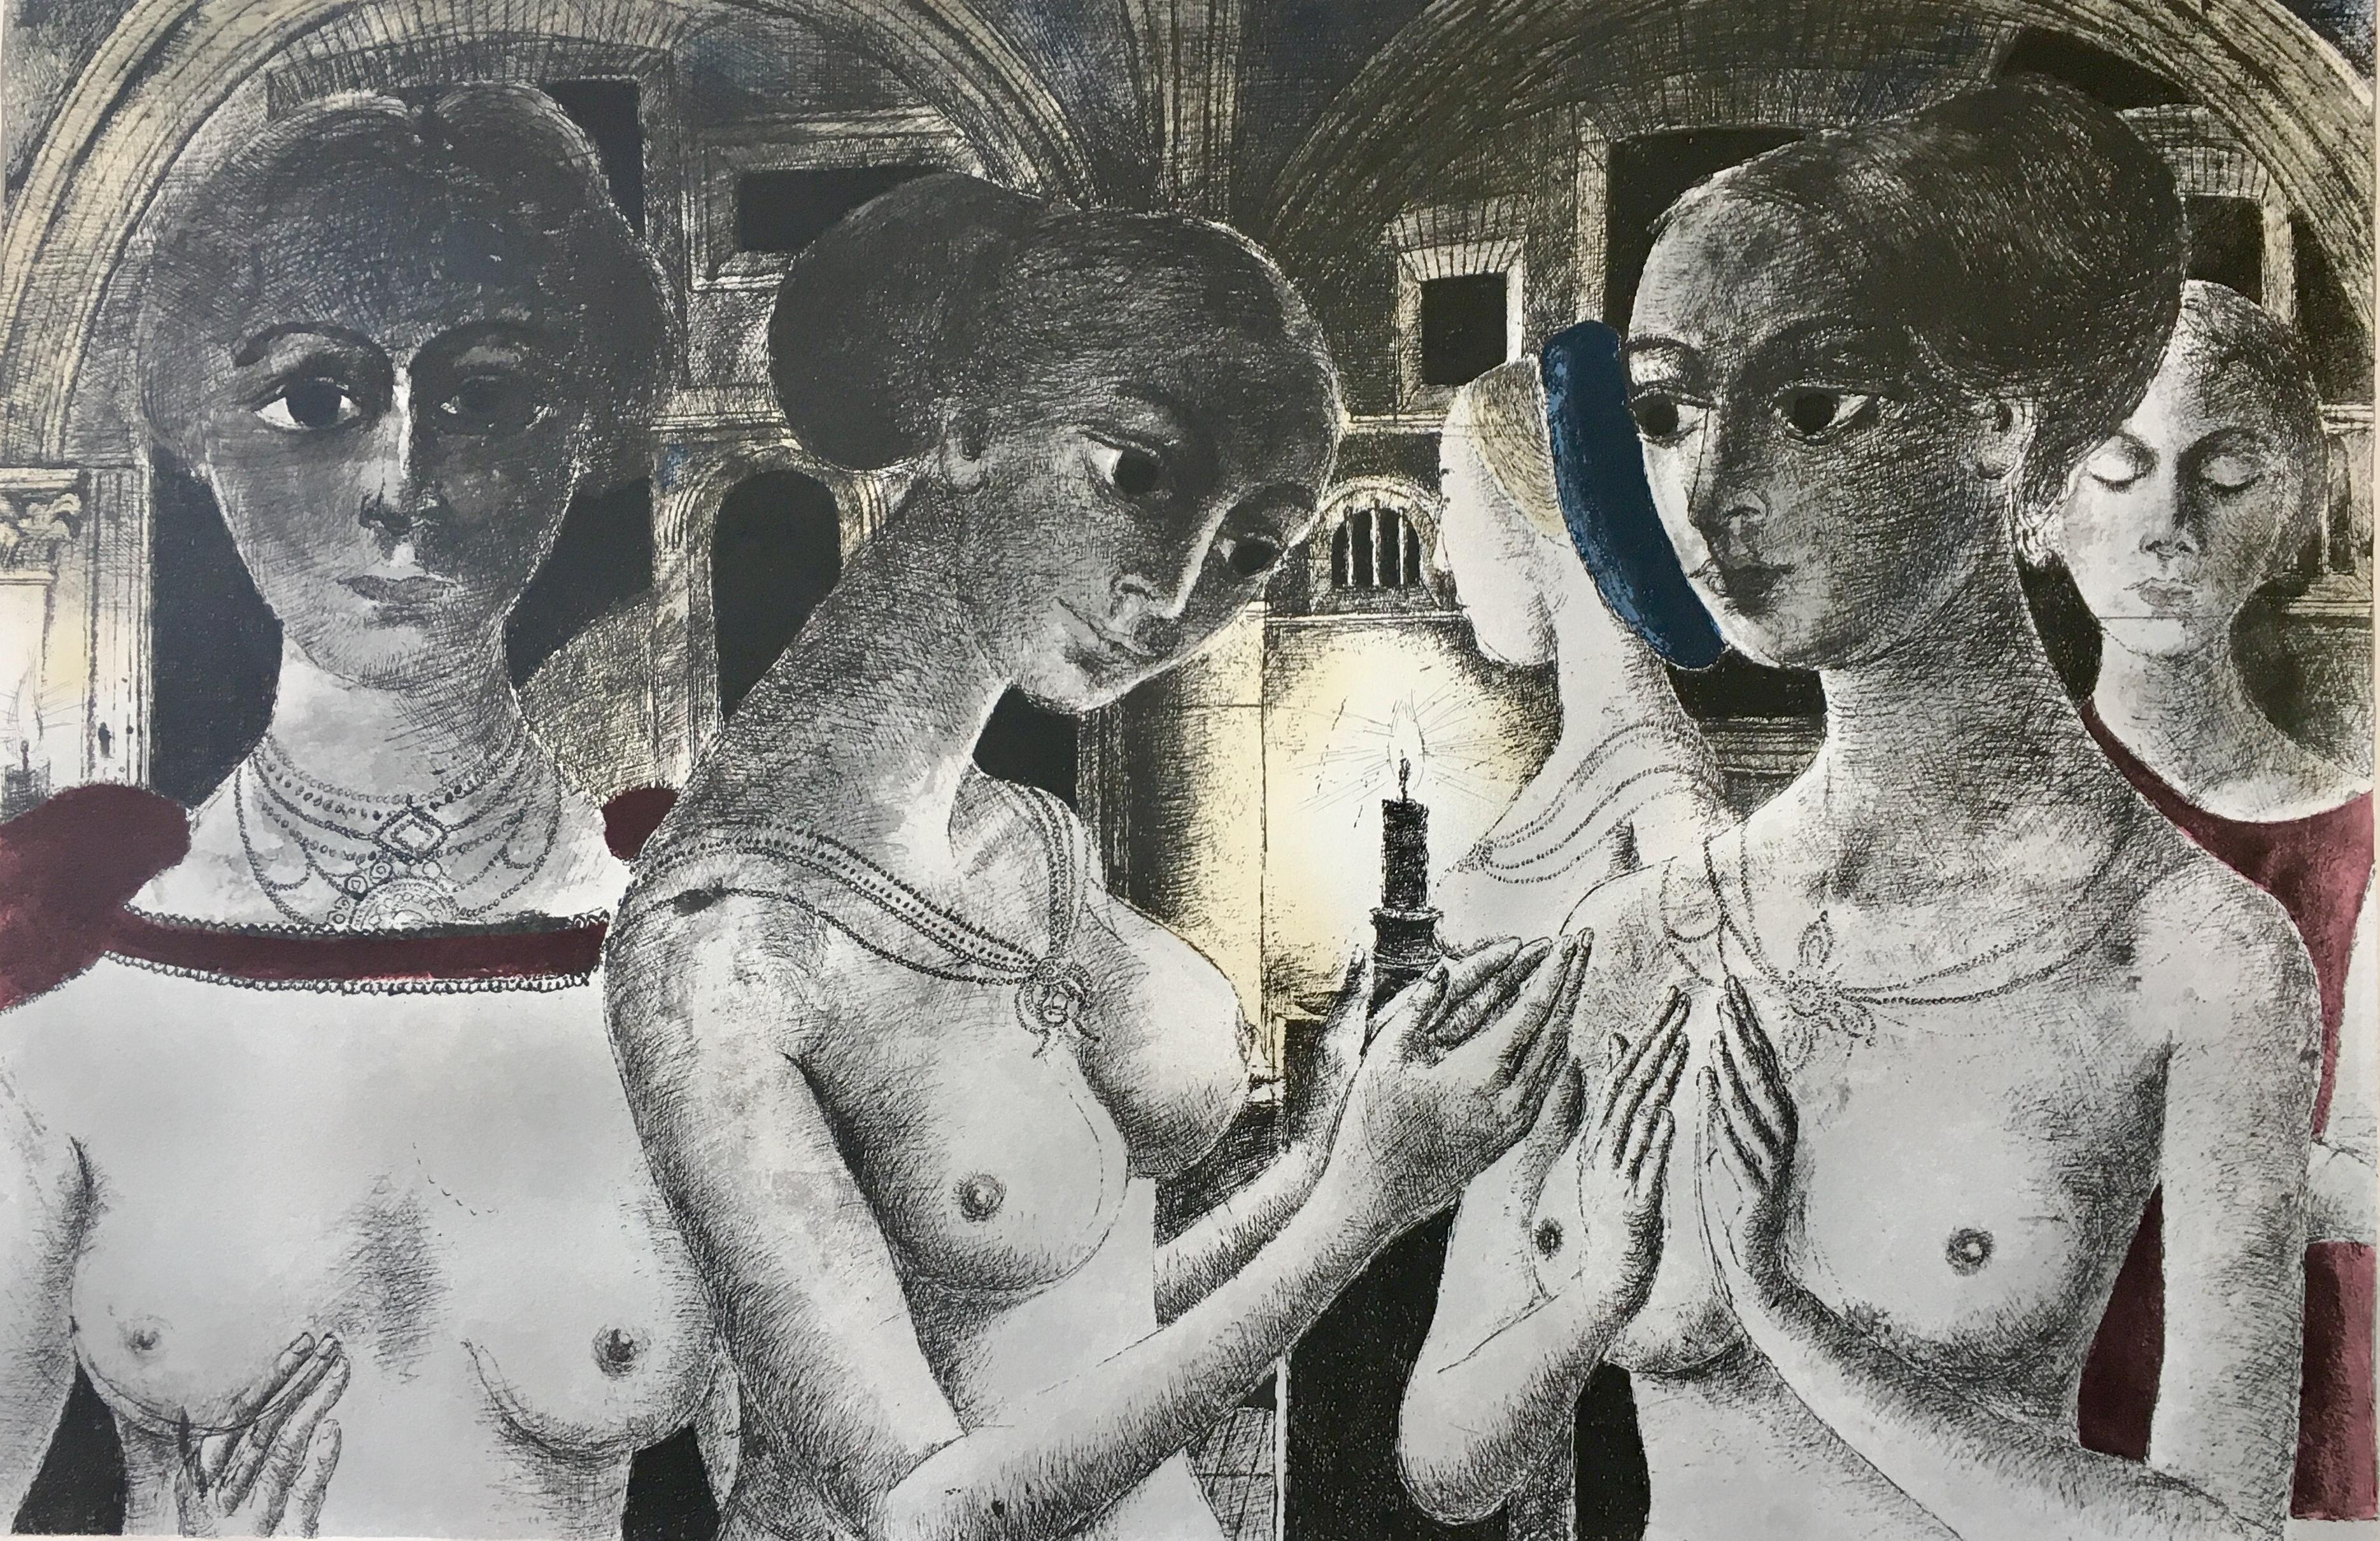 Paul Delvaux: Three graces